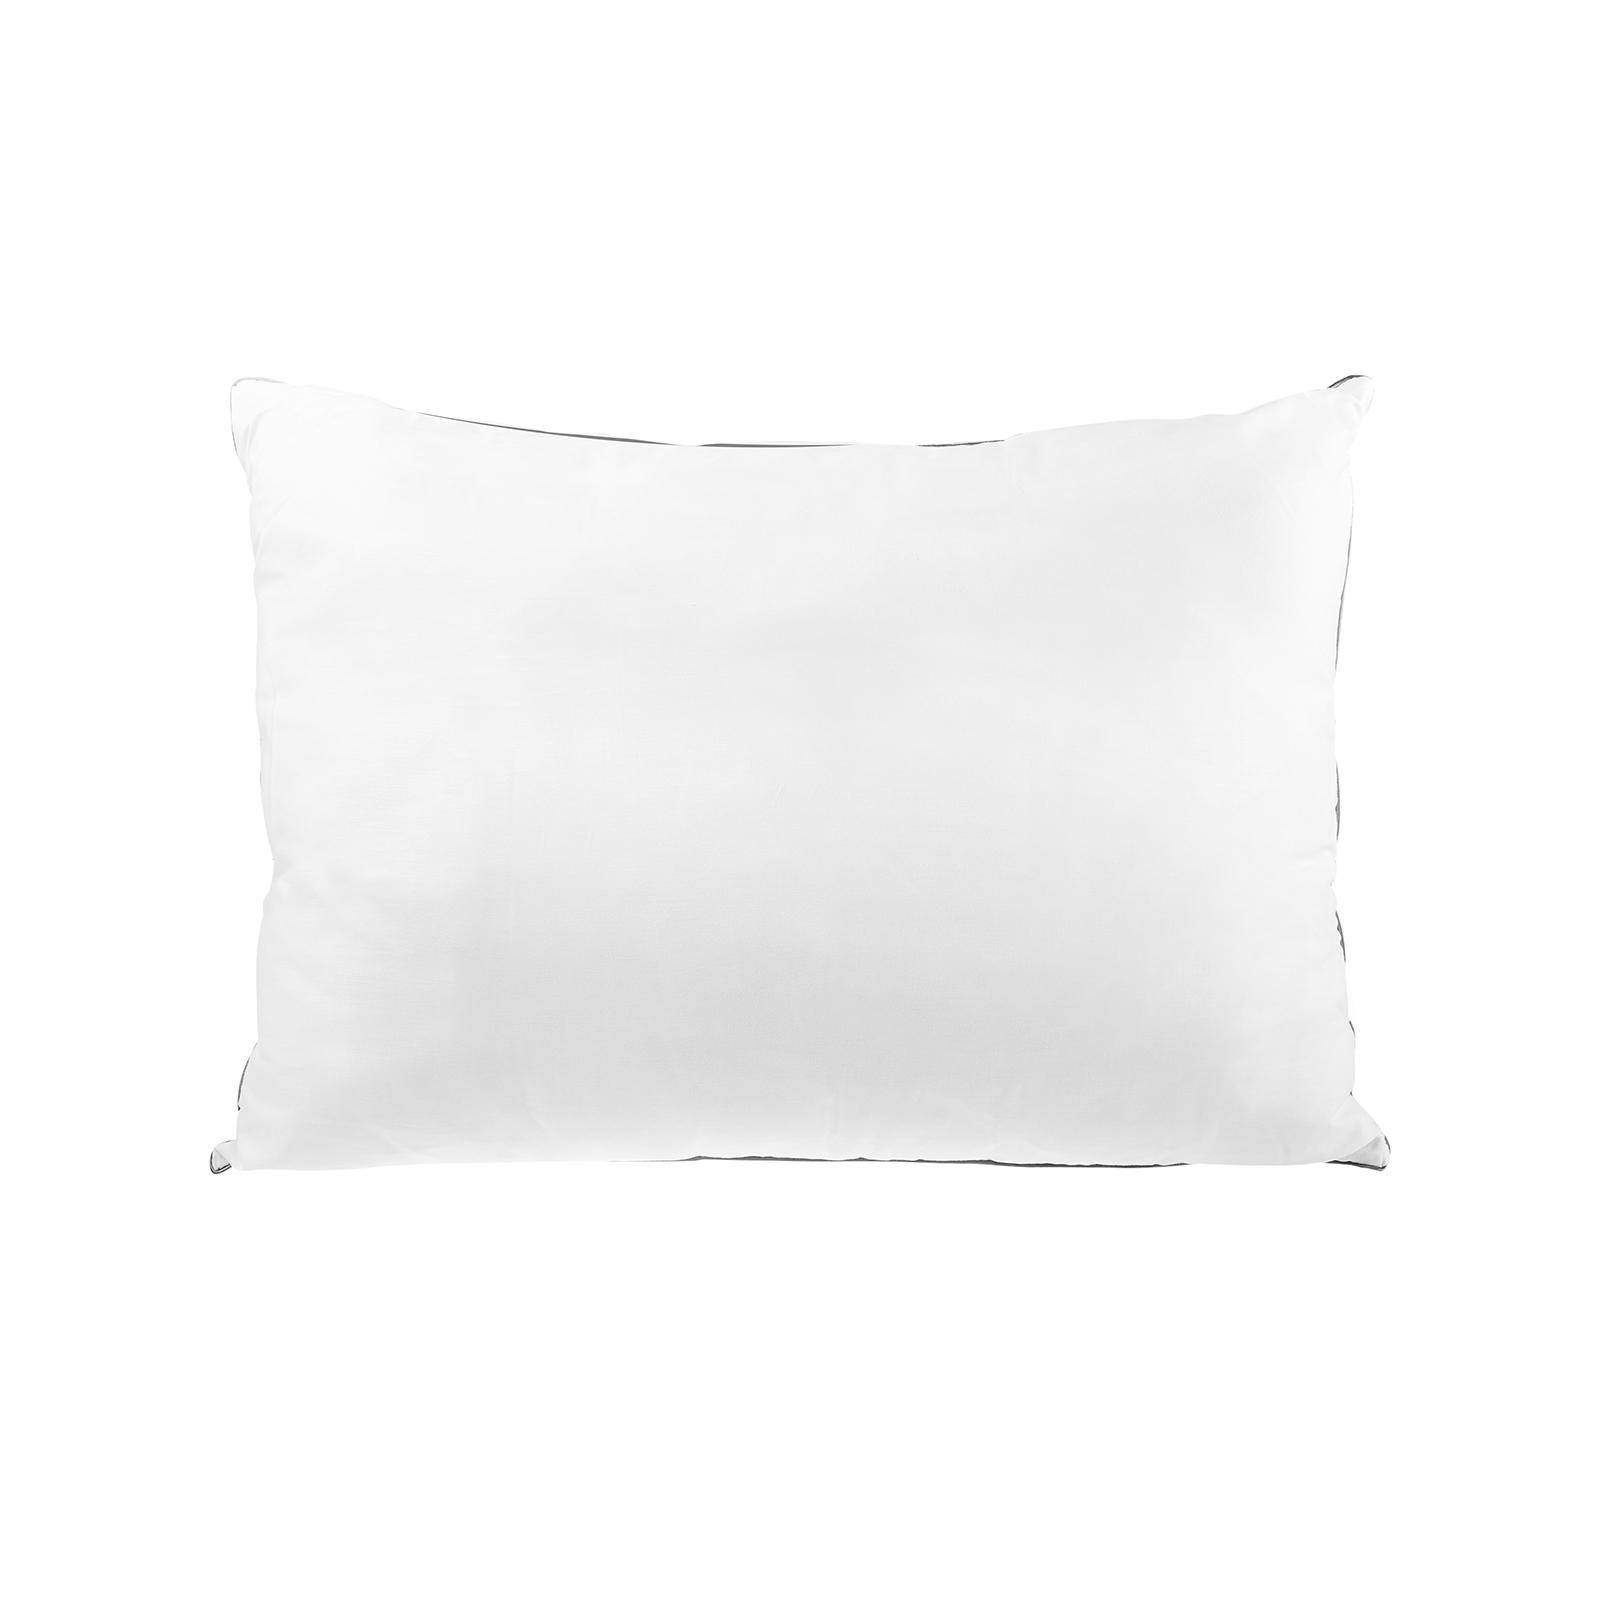 Sarah Anderson Comfy Bej Biyeli Yıkanabilir Yastık Kılıflı Elyaf Yastık 50x70cm